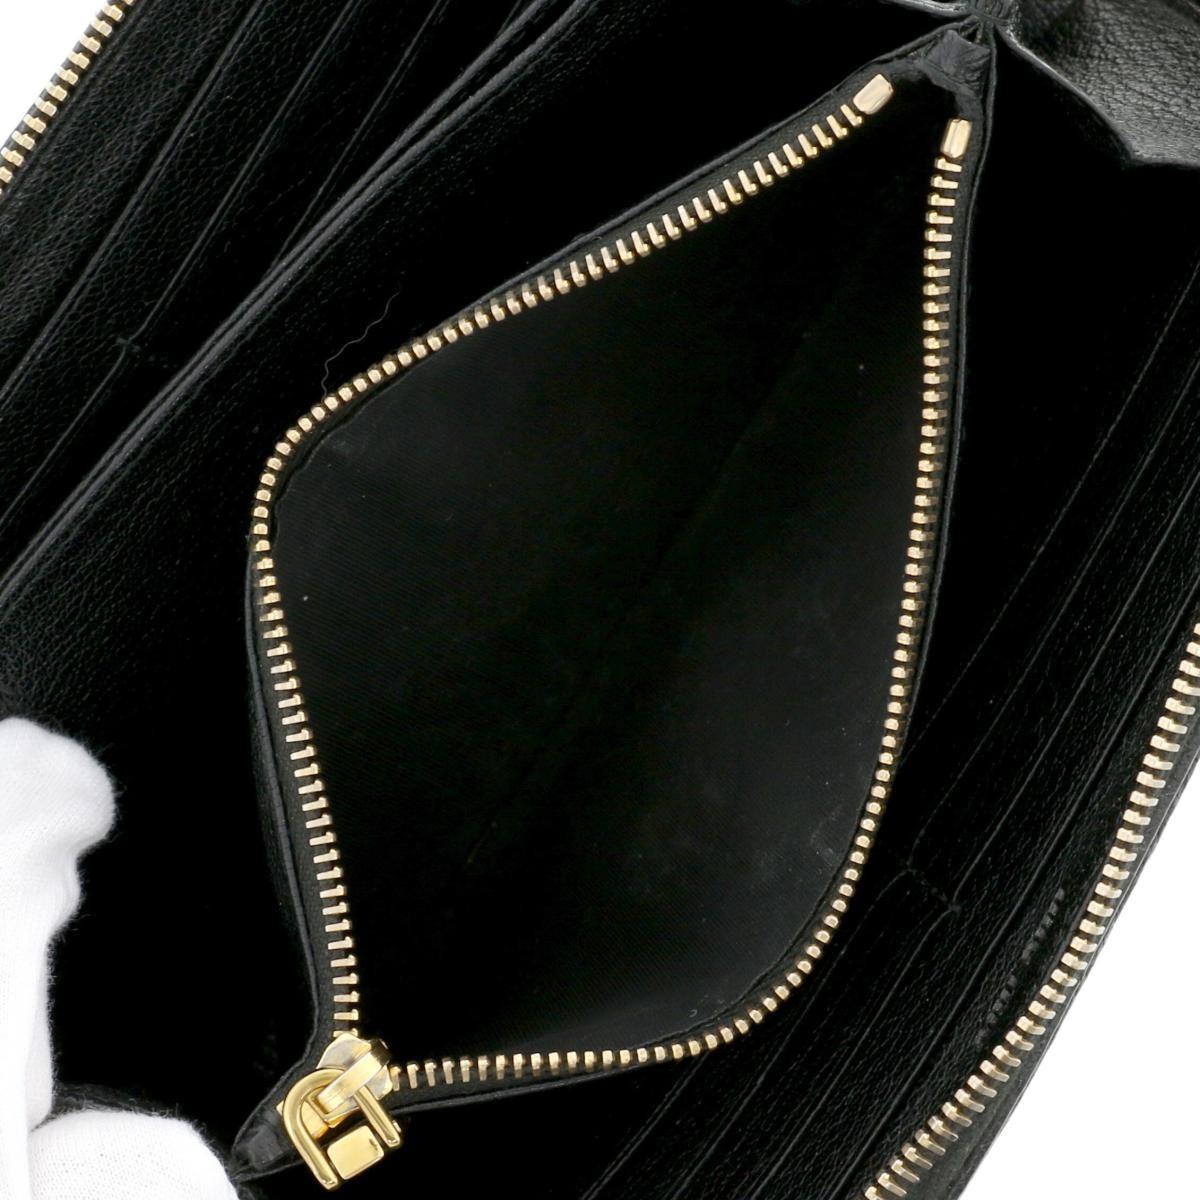 【中古】MIUMIU ミュウミュウ ラウンドファスナー 長財布 財布 長財布(小銭入有) LONG-WALLET Black/ブラック リボン 5ML506 used:B